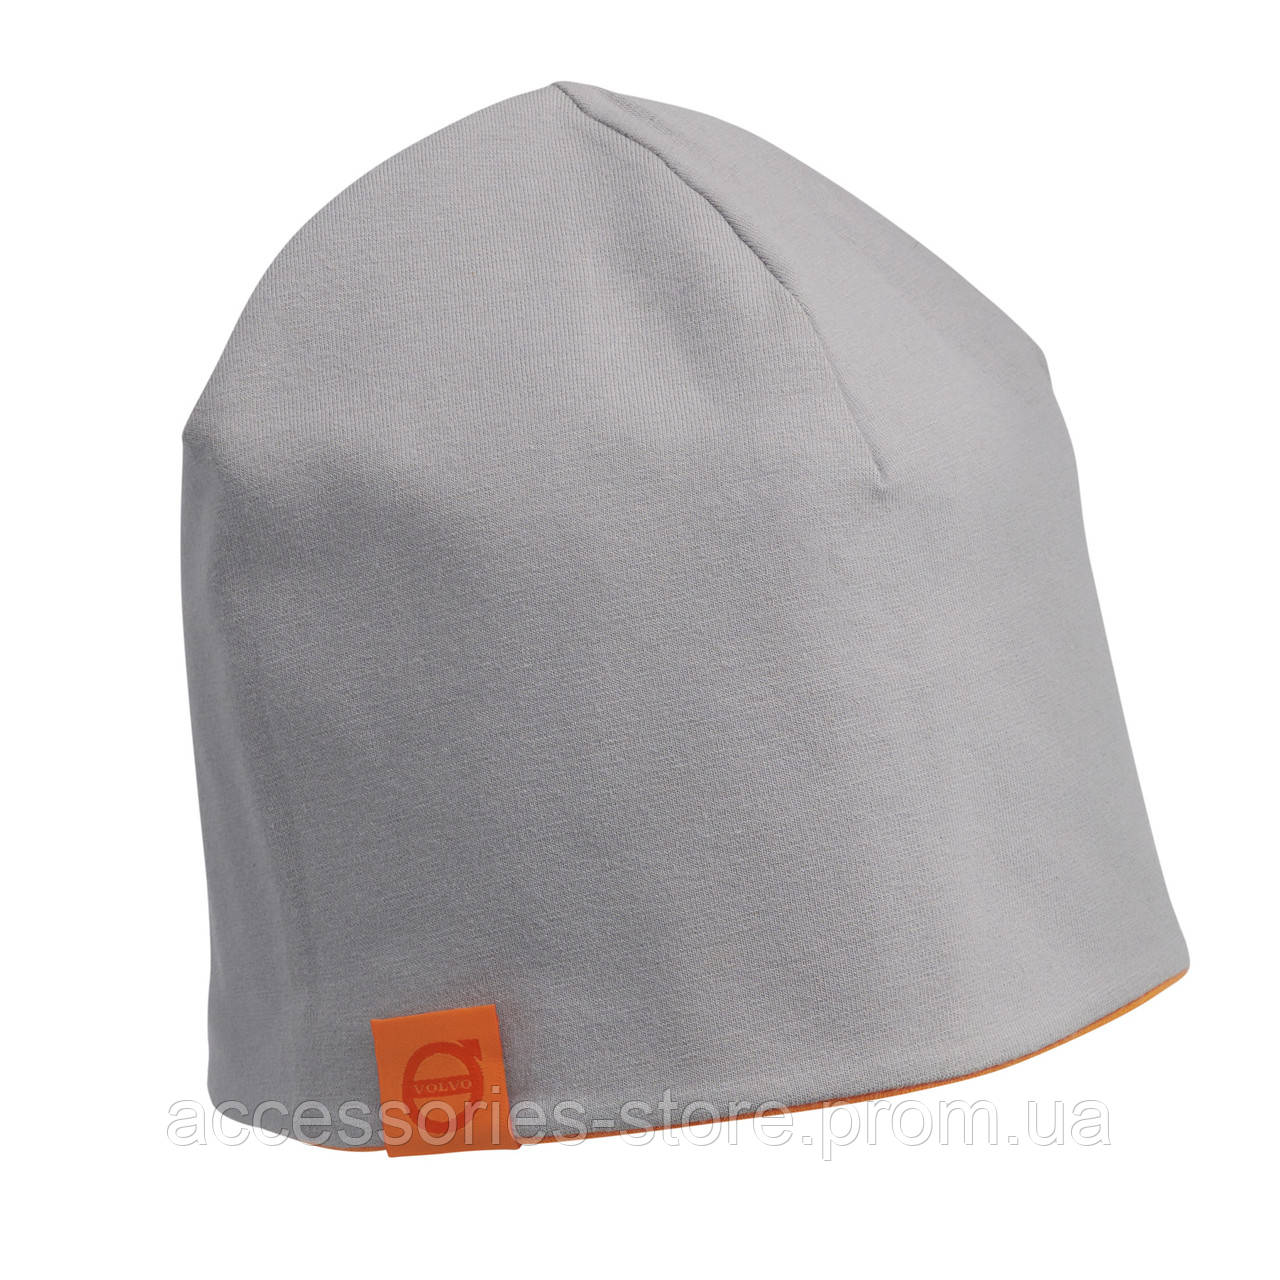 Детская шапочка Volvo Baby Beanie, Orange